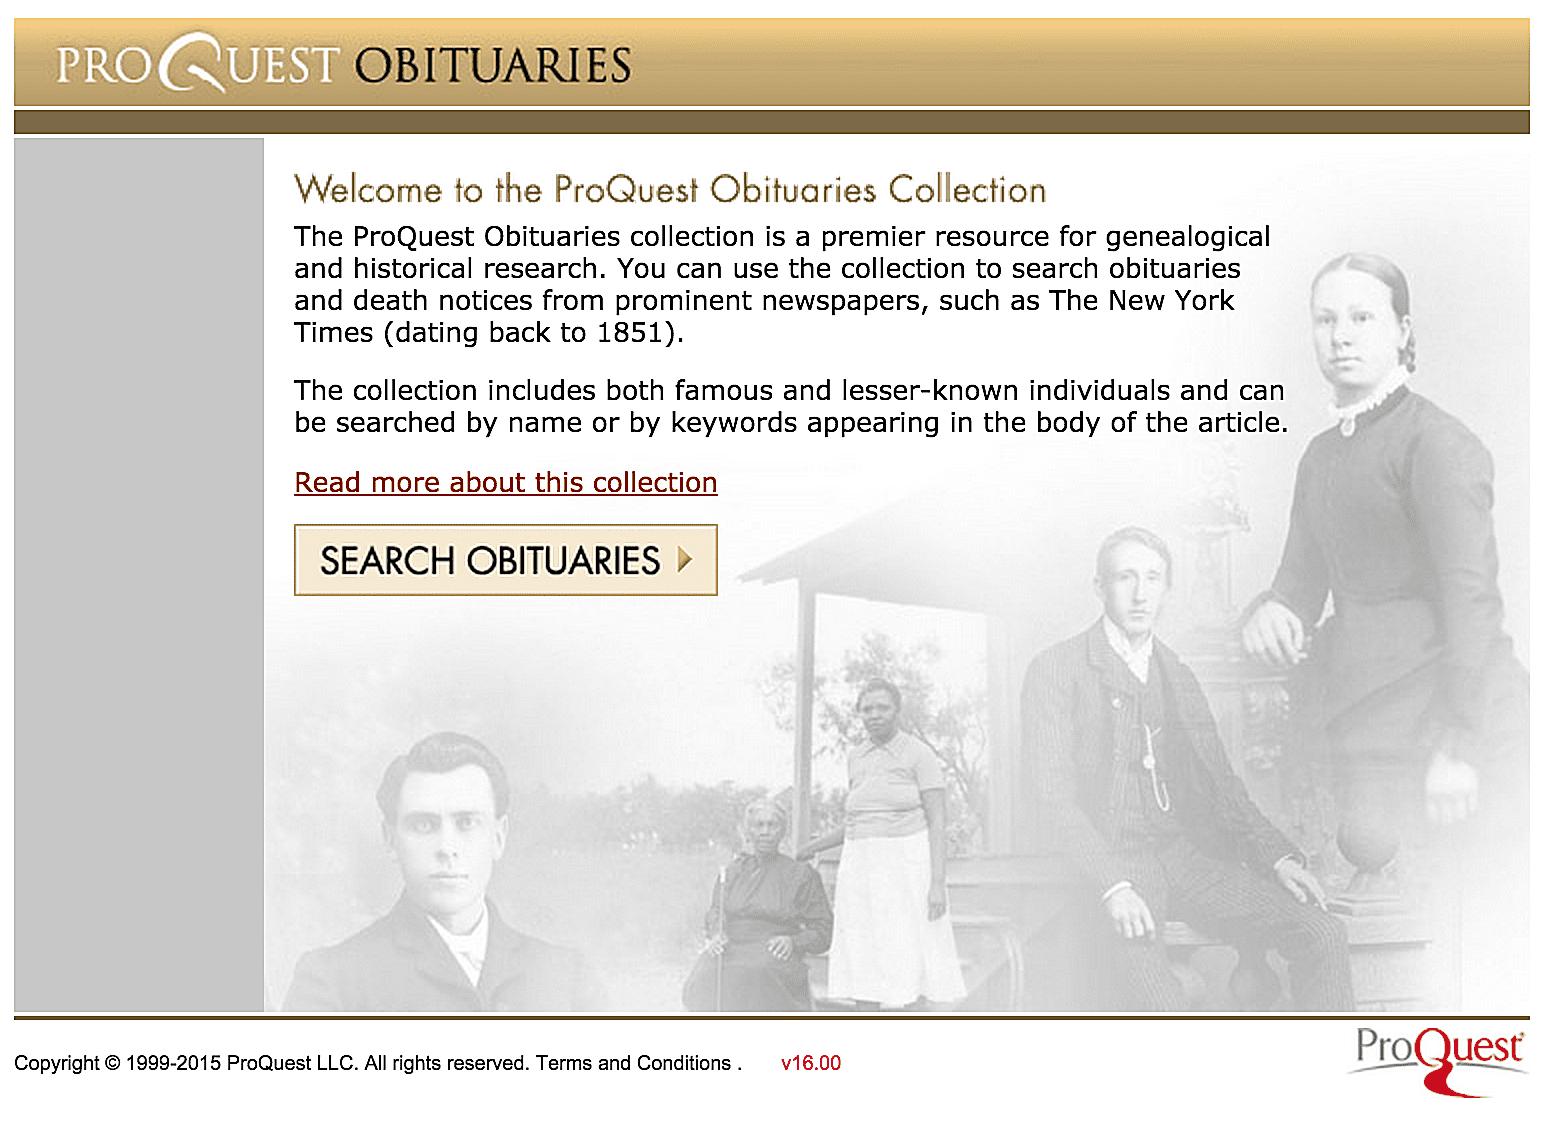 ProQuest Obituaries για ιστορική έρευνα